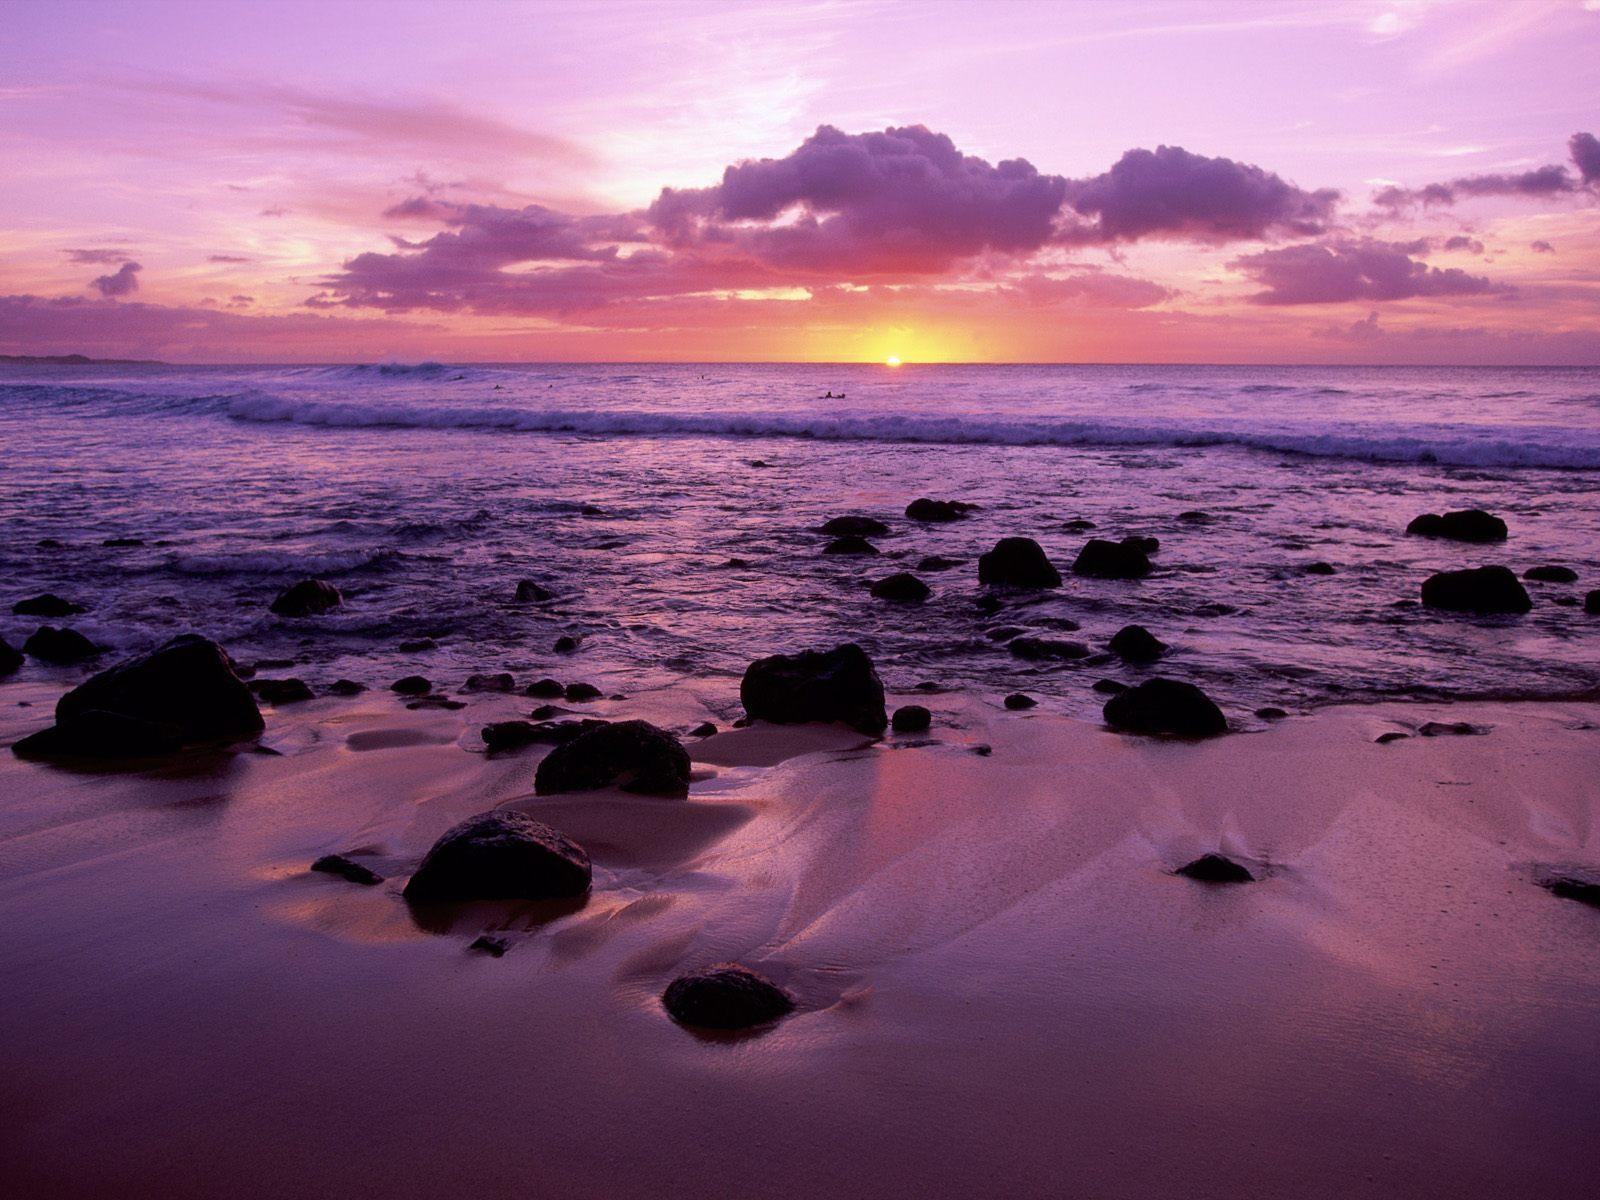 Shoreline at sunset free wallpaper in free desktop backgrounds category: Shoreline-landscape.